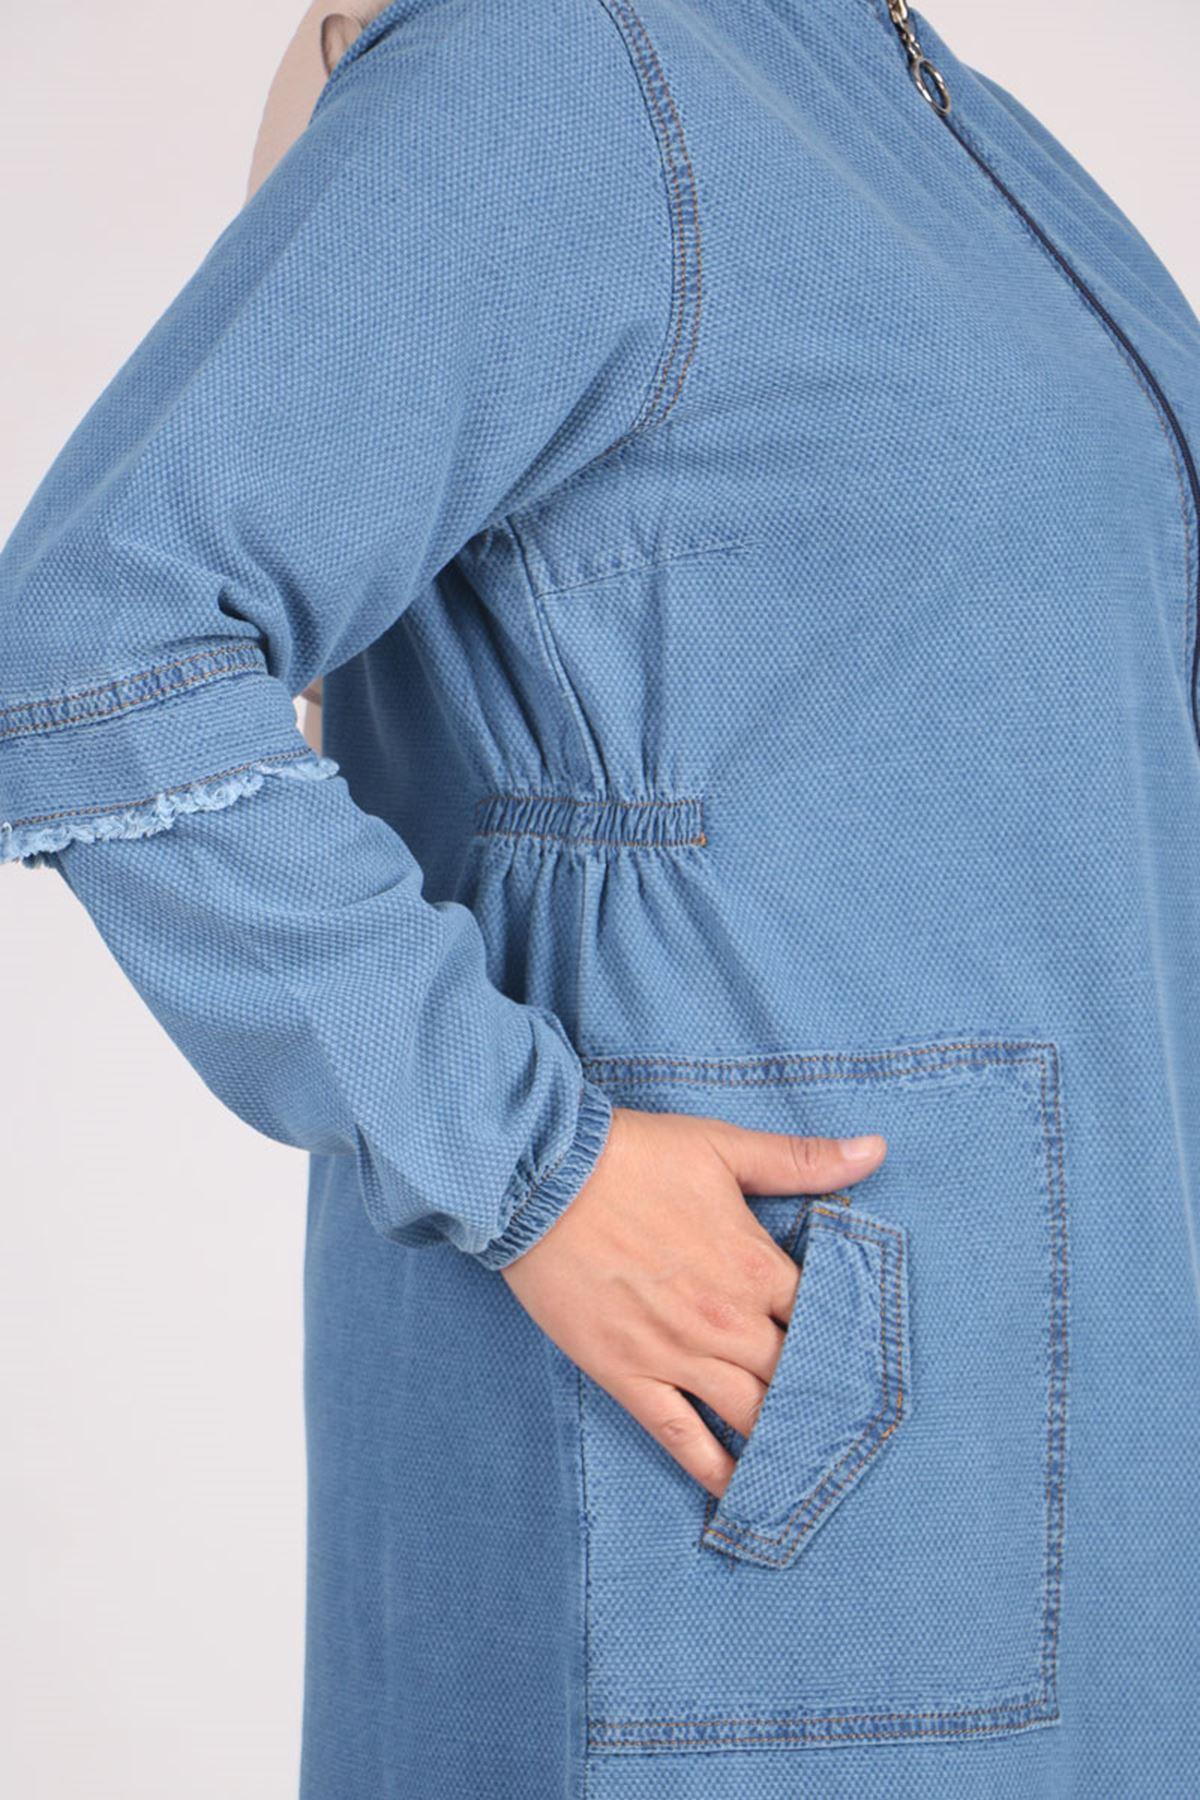 6043 عباية جينز بسحاب مقاس كبير - أزرق